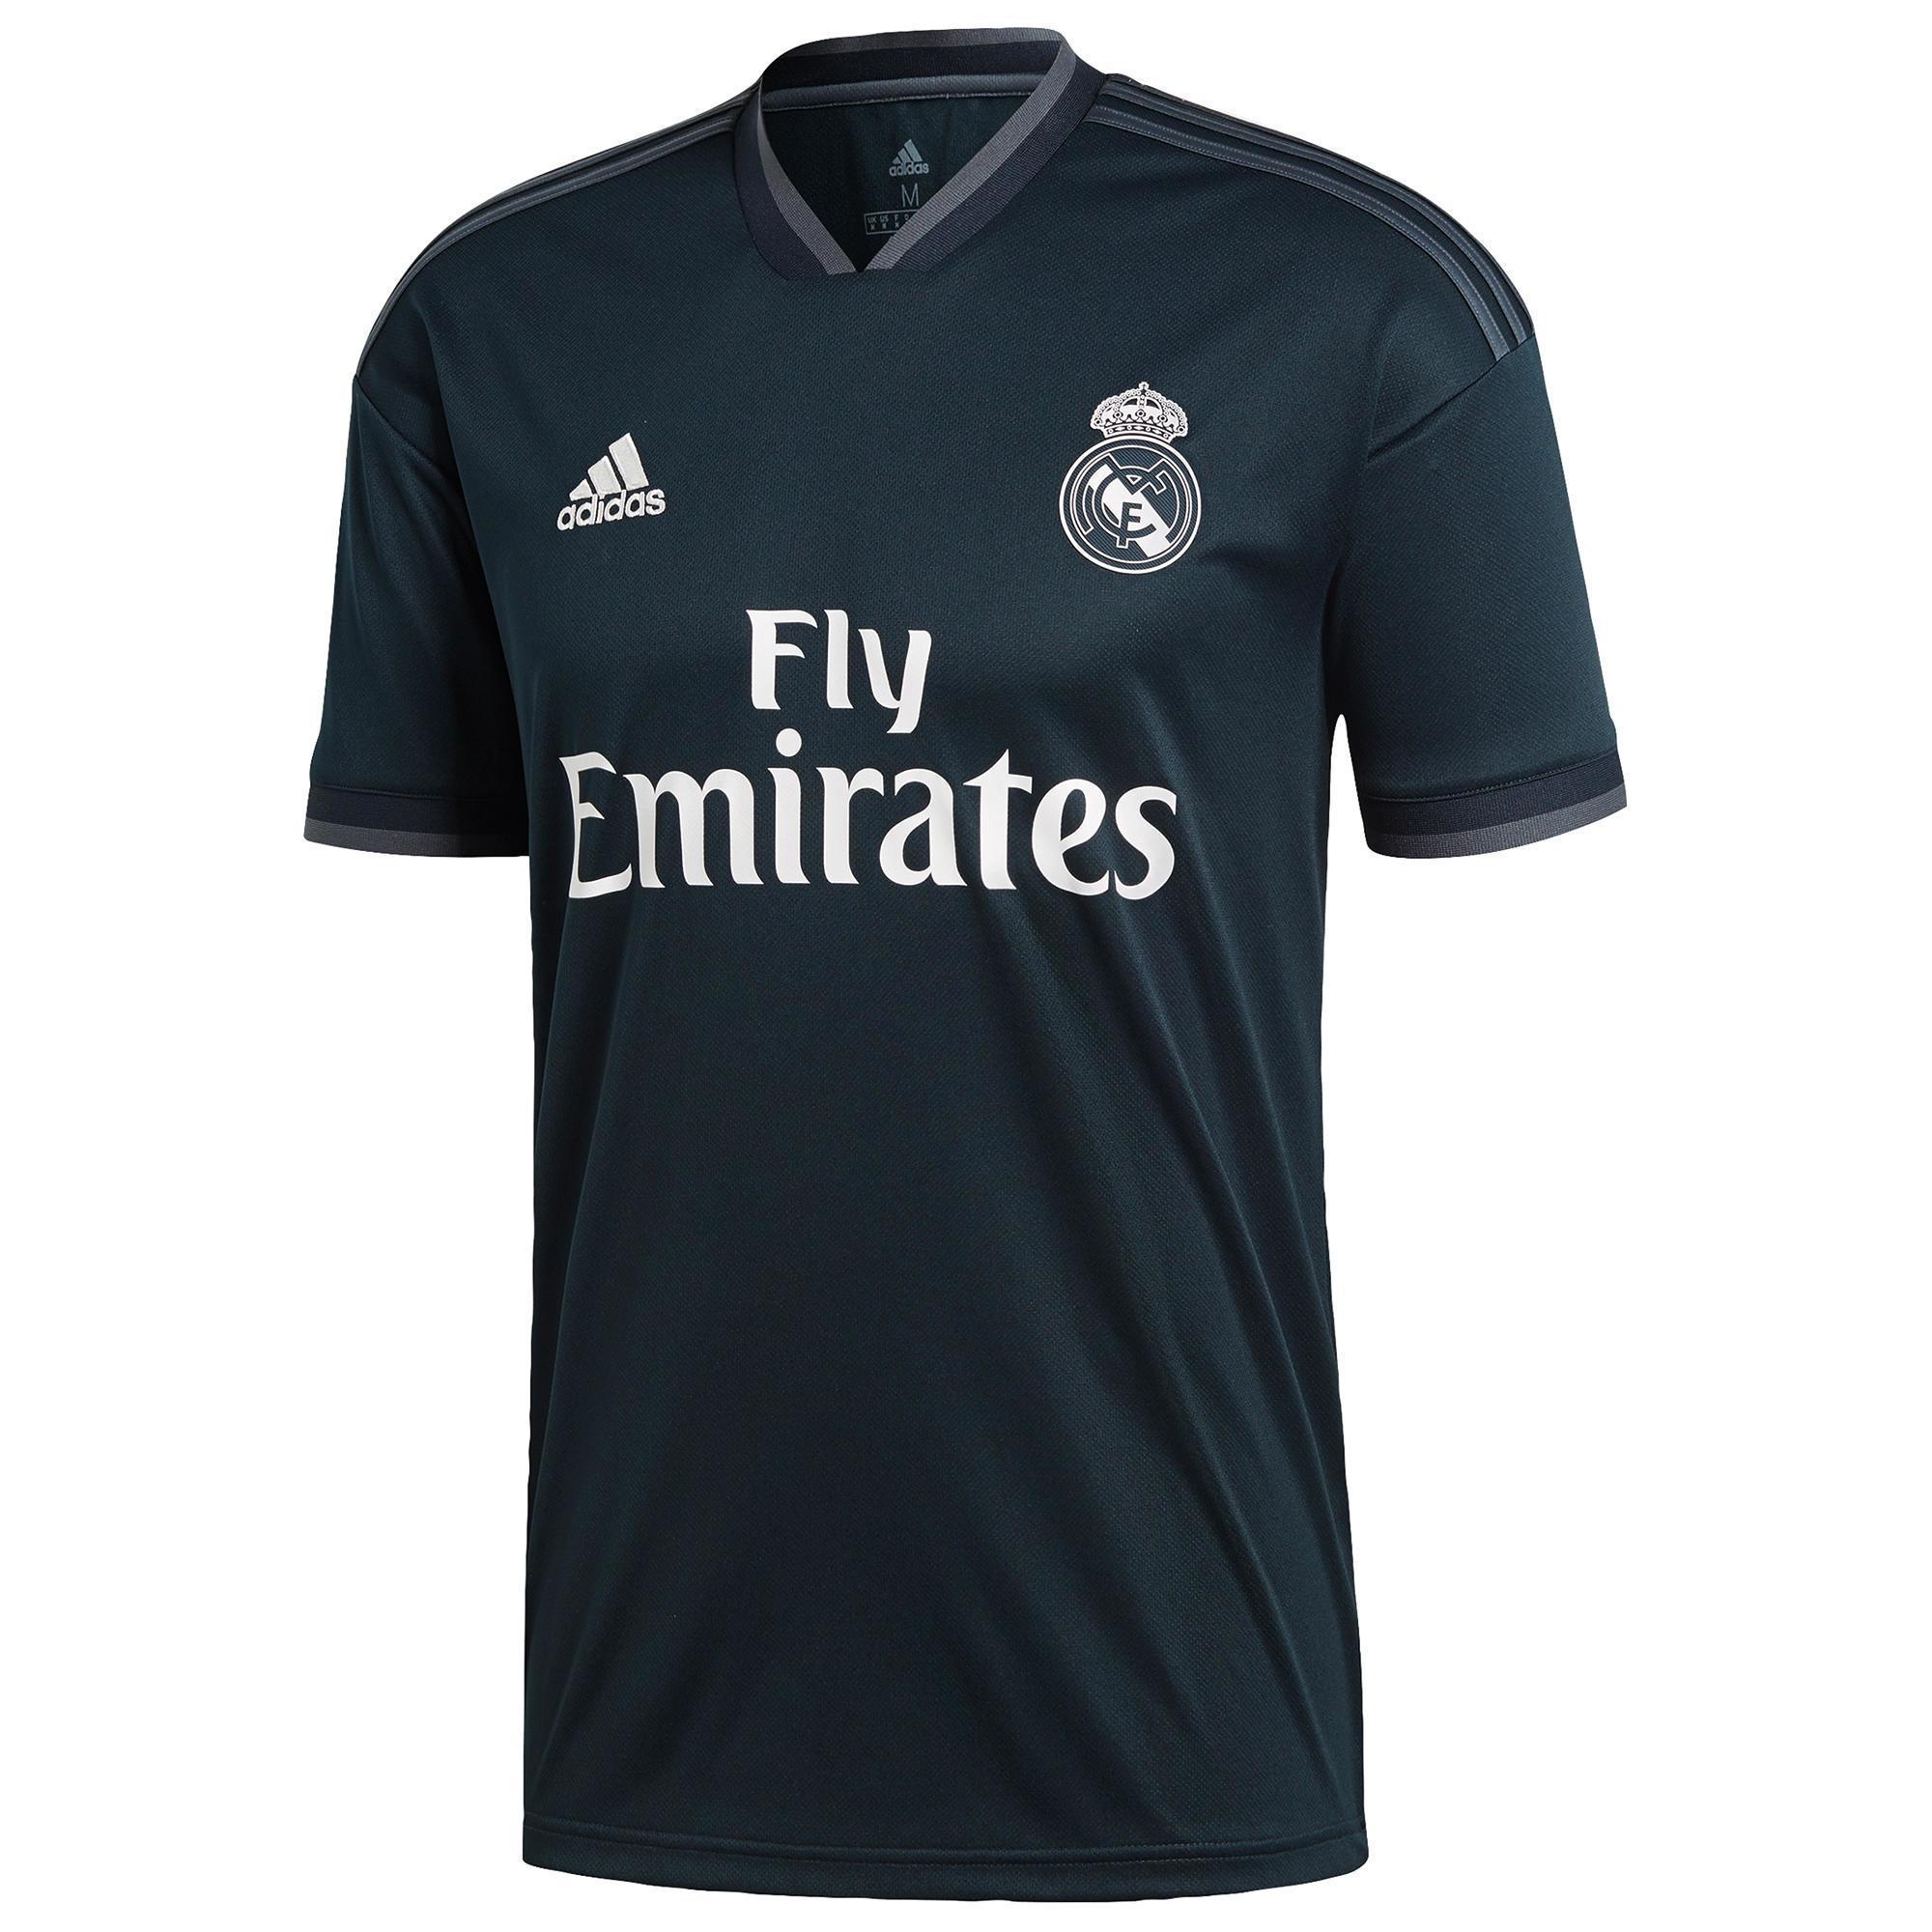 Camisetas Oficiales Selecciones y Equipos Fútbol  2b7ff315eb7